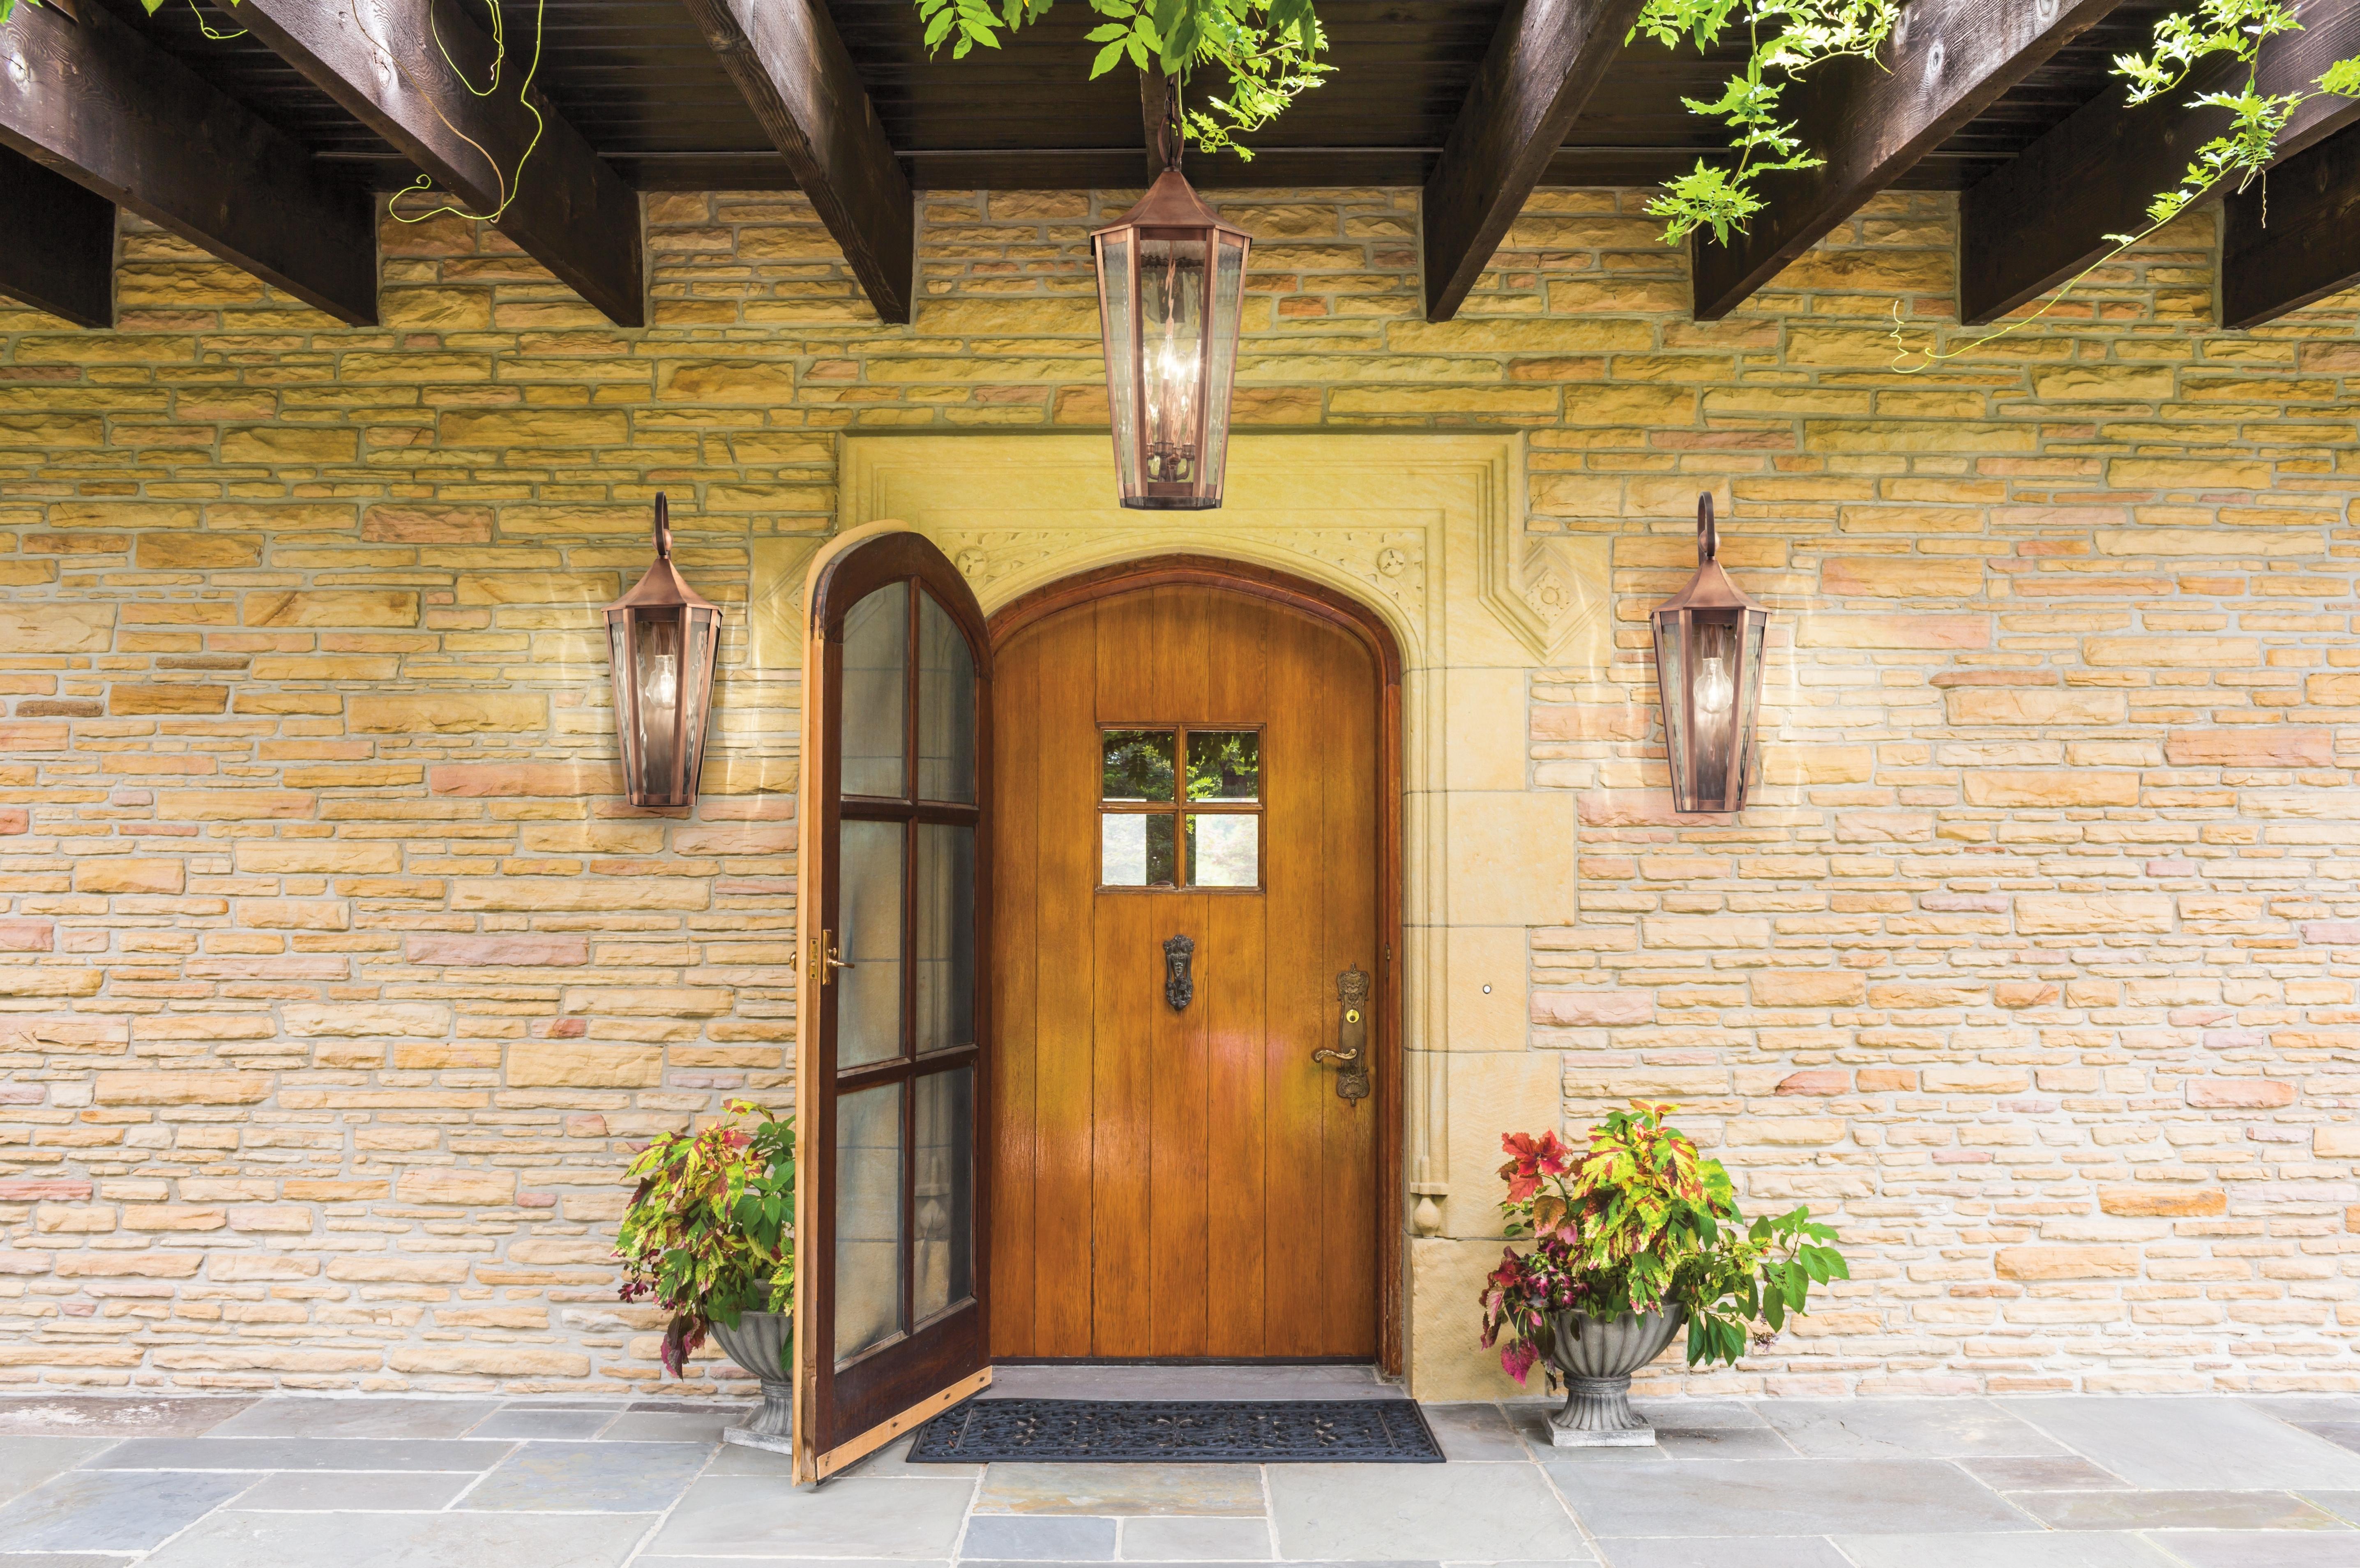 Outdoor Door Lanterns Intended For Popular Craftsman Style Exterior Lighting Helpful Outdoor Front Porch Doors (View 7 of 20)